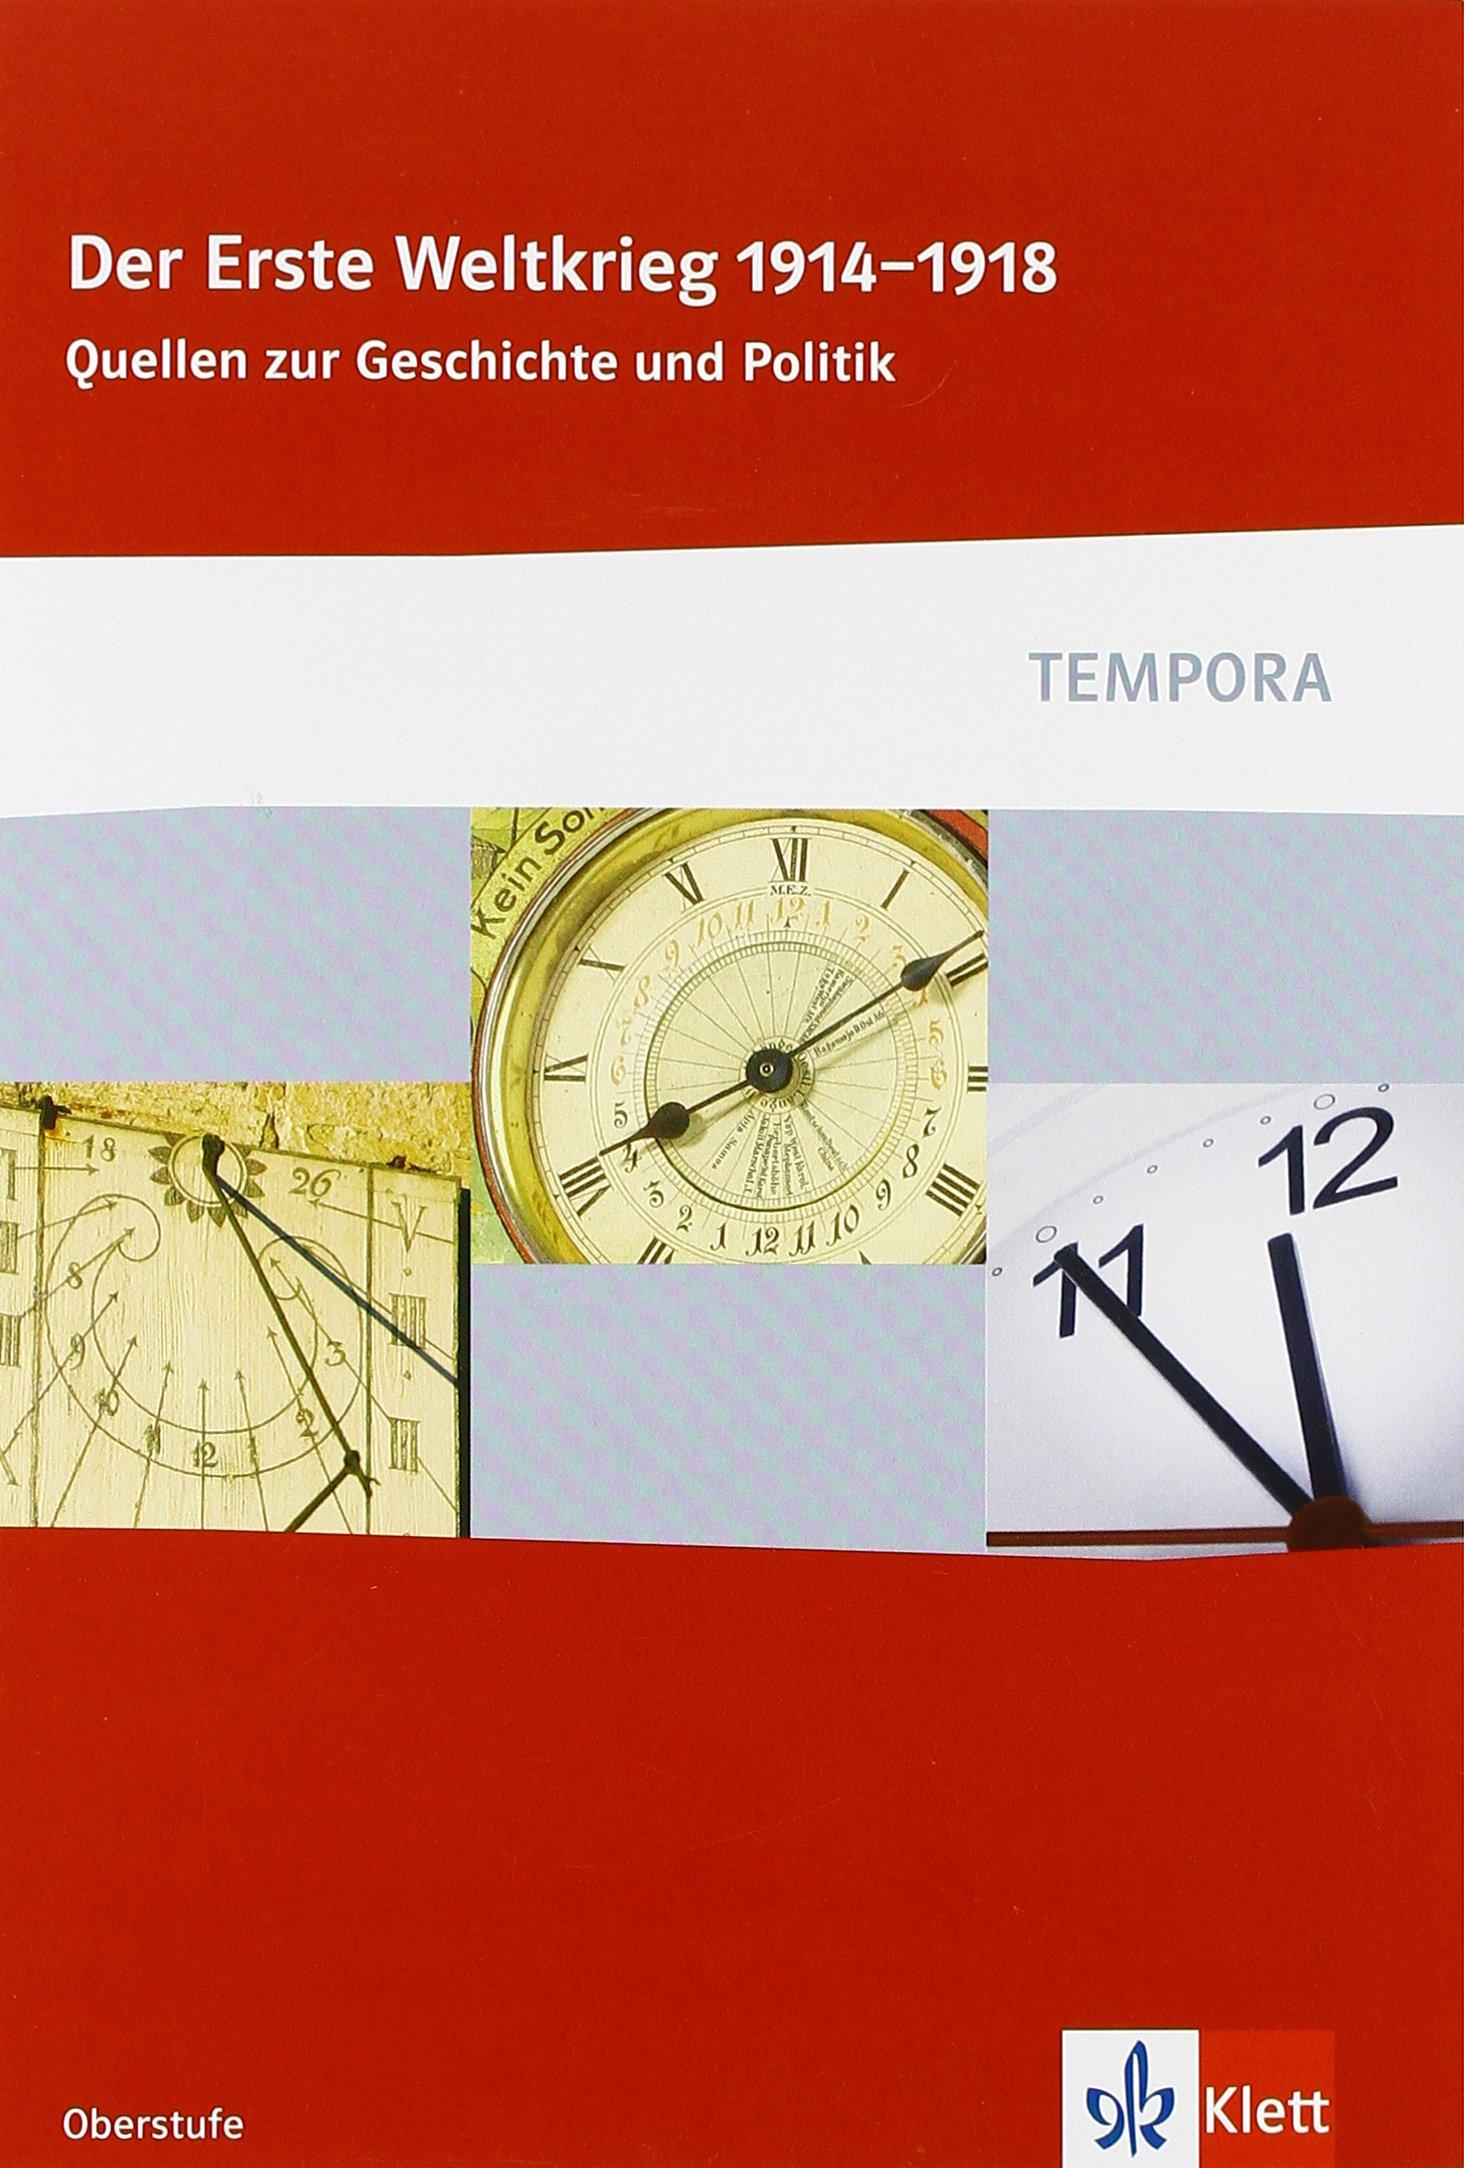 Der Erste Weltkrieg 1914 - 1918: Quellen zur Geschichte und Politik Klasse 10-13 (TEMPORA) Taschenbuch – 1. August 2013 Klett 312430067X Schulbücher Geschichte / Schulbuch